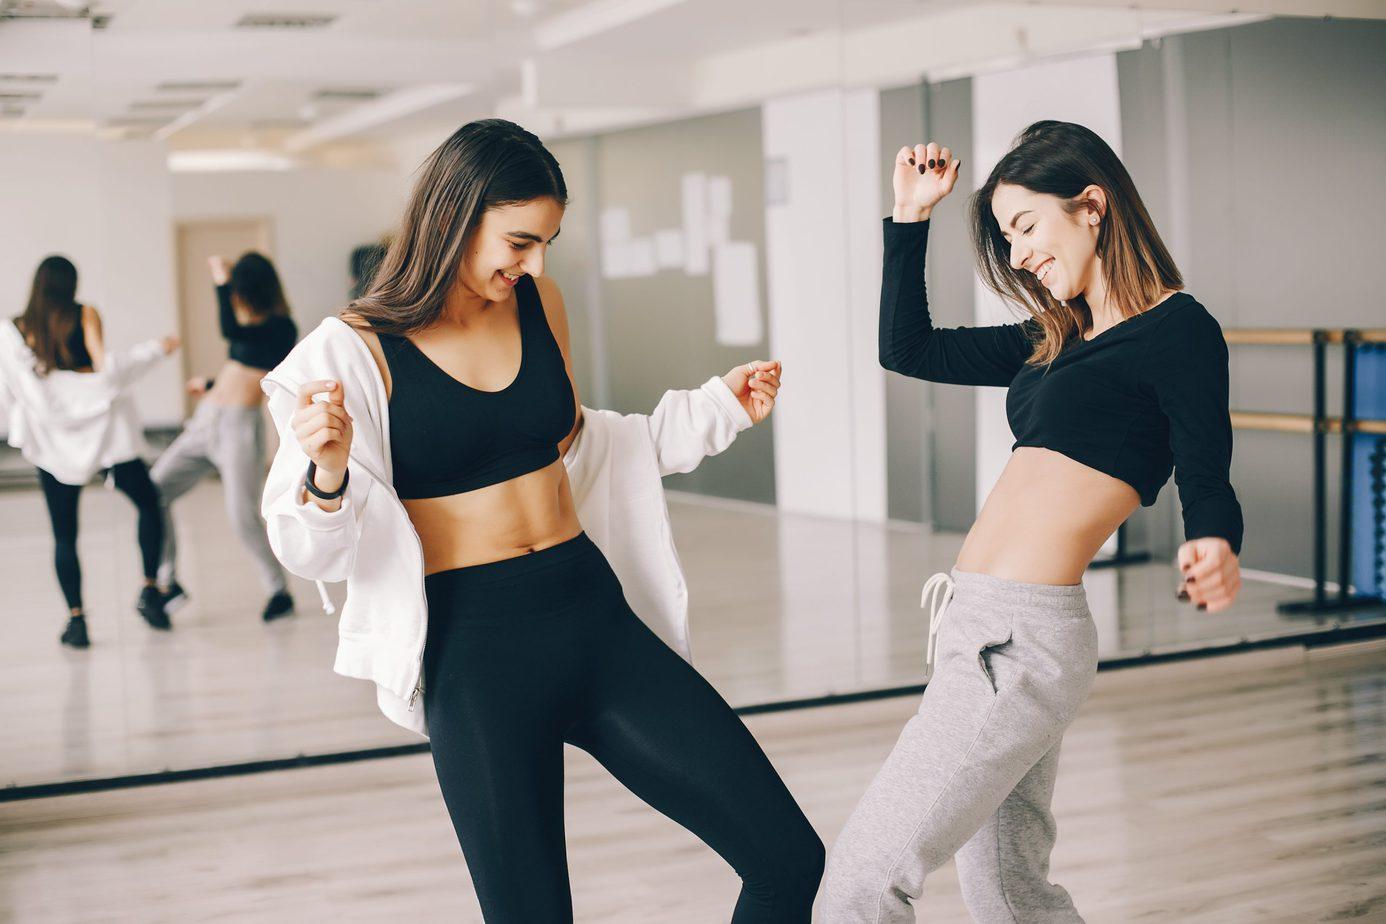 Taneczne ćwiczenia z Katią Pryce – sposób na płaski brzuch i dobrą zabawę!